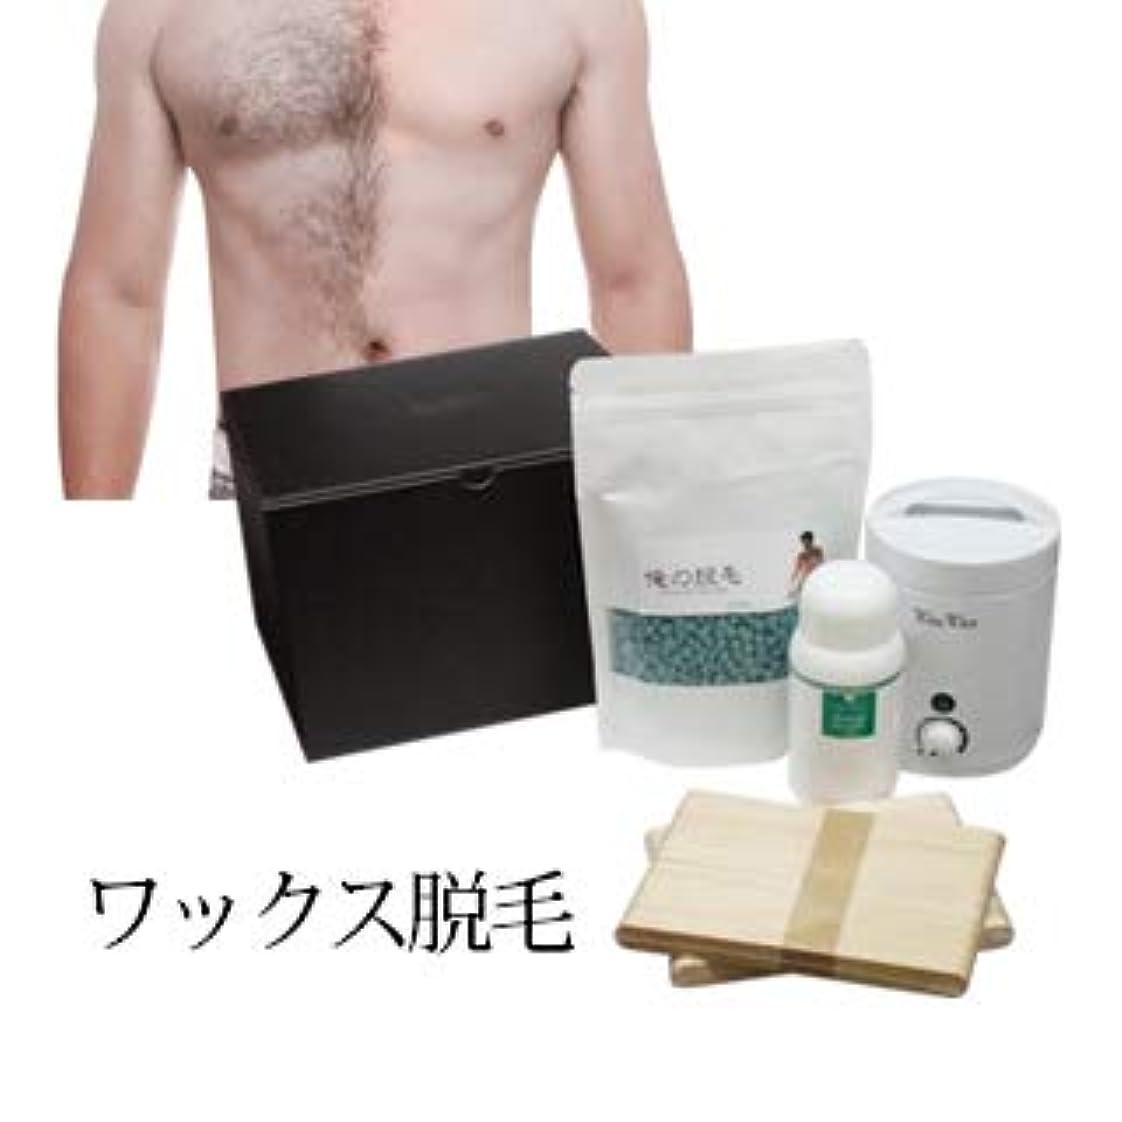 志すランク知覚的【メンズ 俺の脱毛】WaxWax ワックス脱毛キット